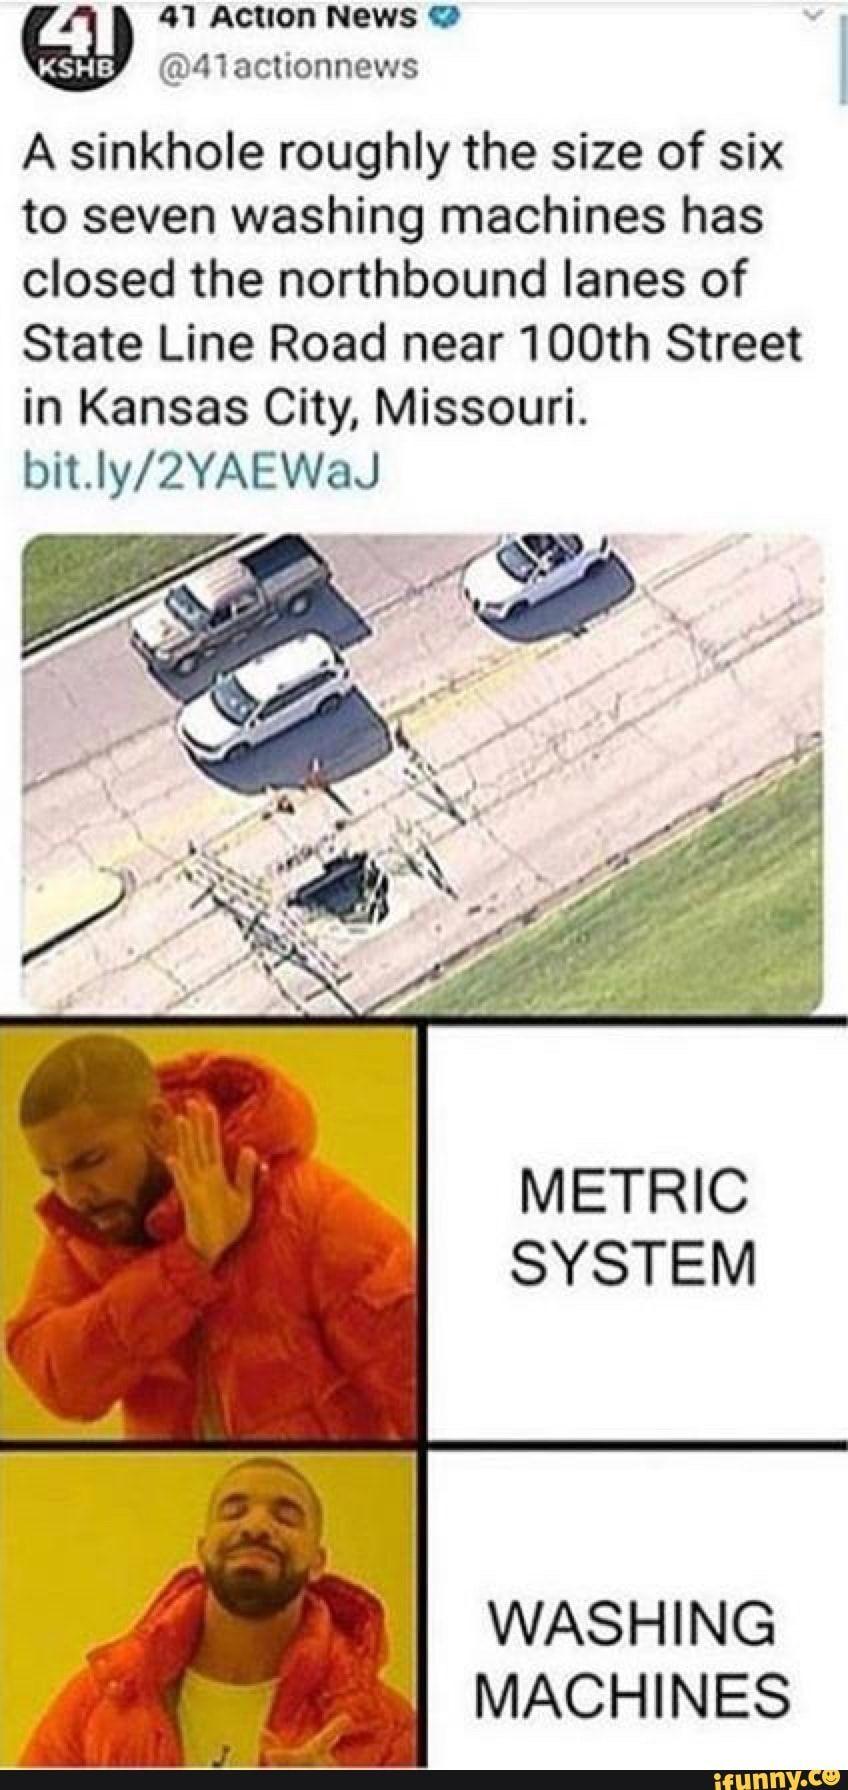 metric-system-washing-machines